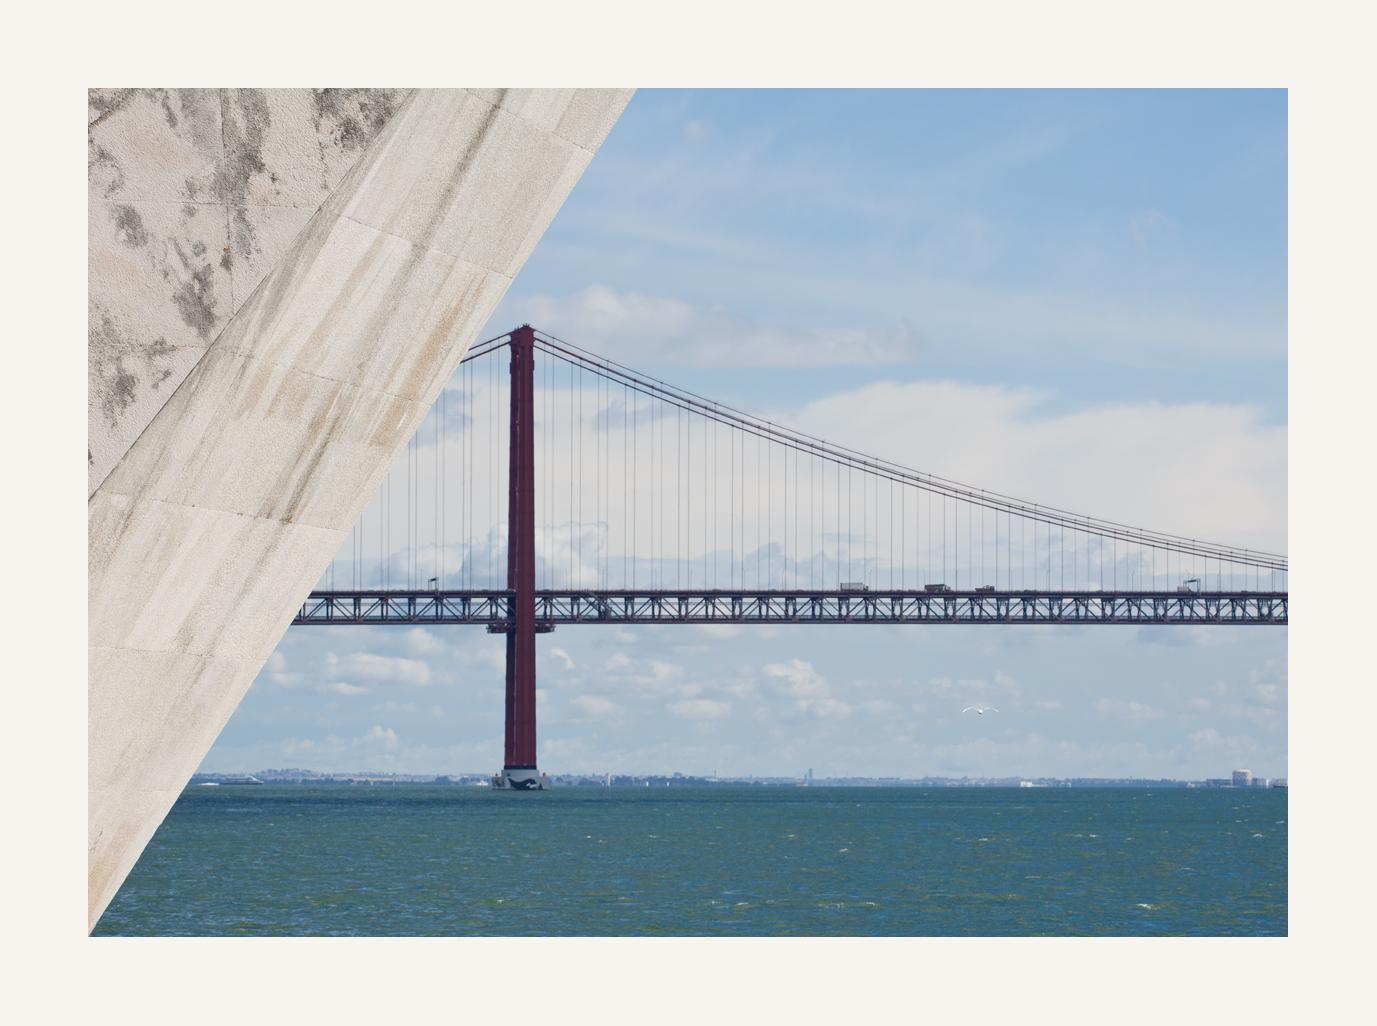 der Tejo und die Brücke